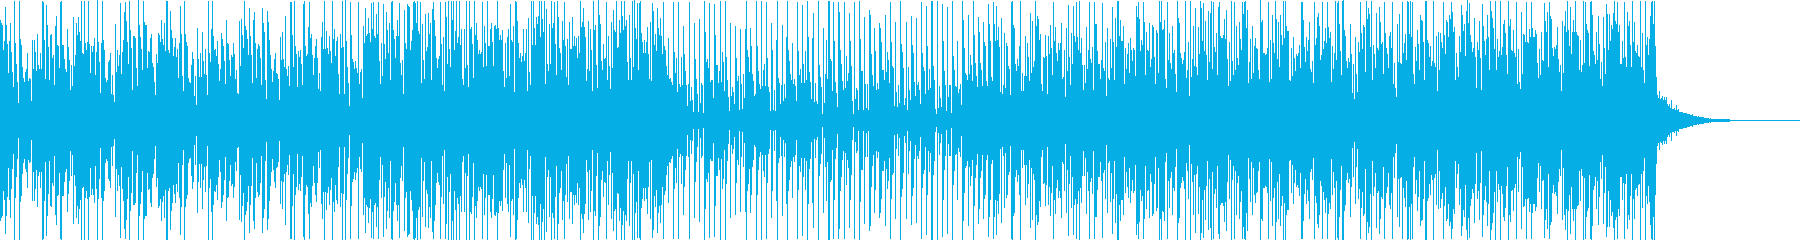 カホンを使用したエレクトロファンクビートの再生済みの波形